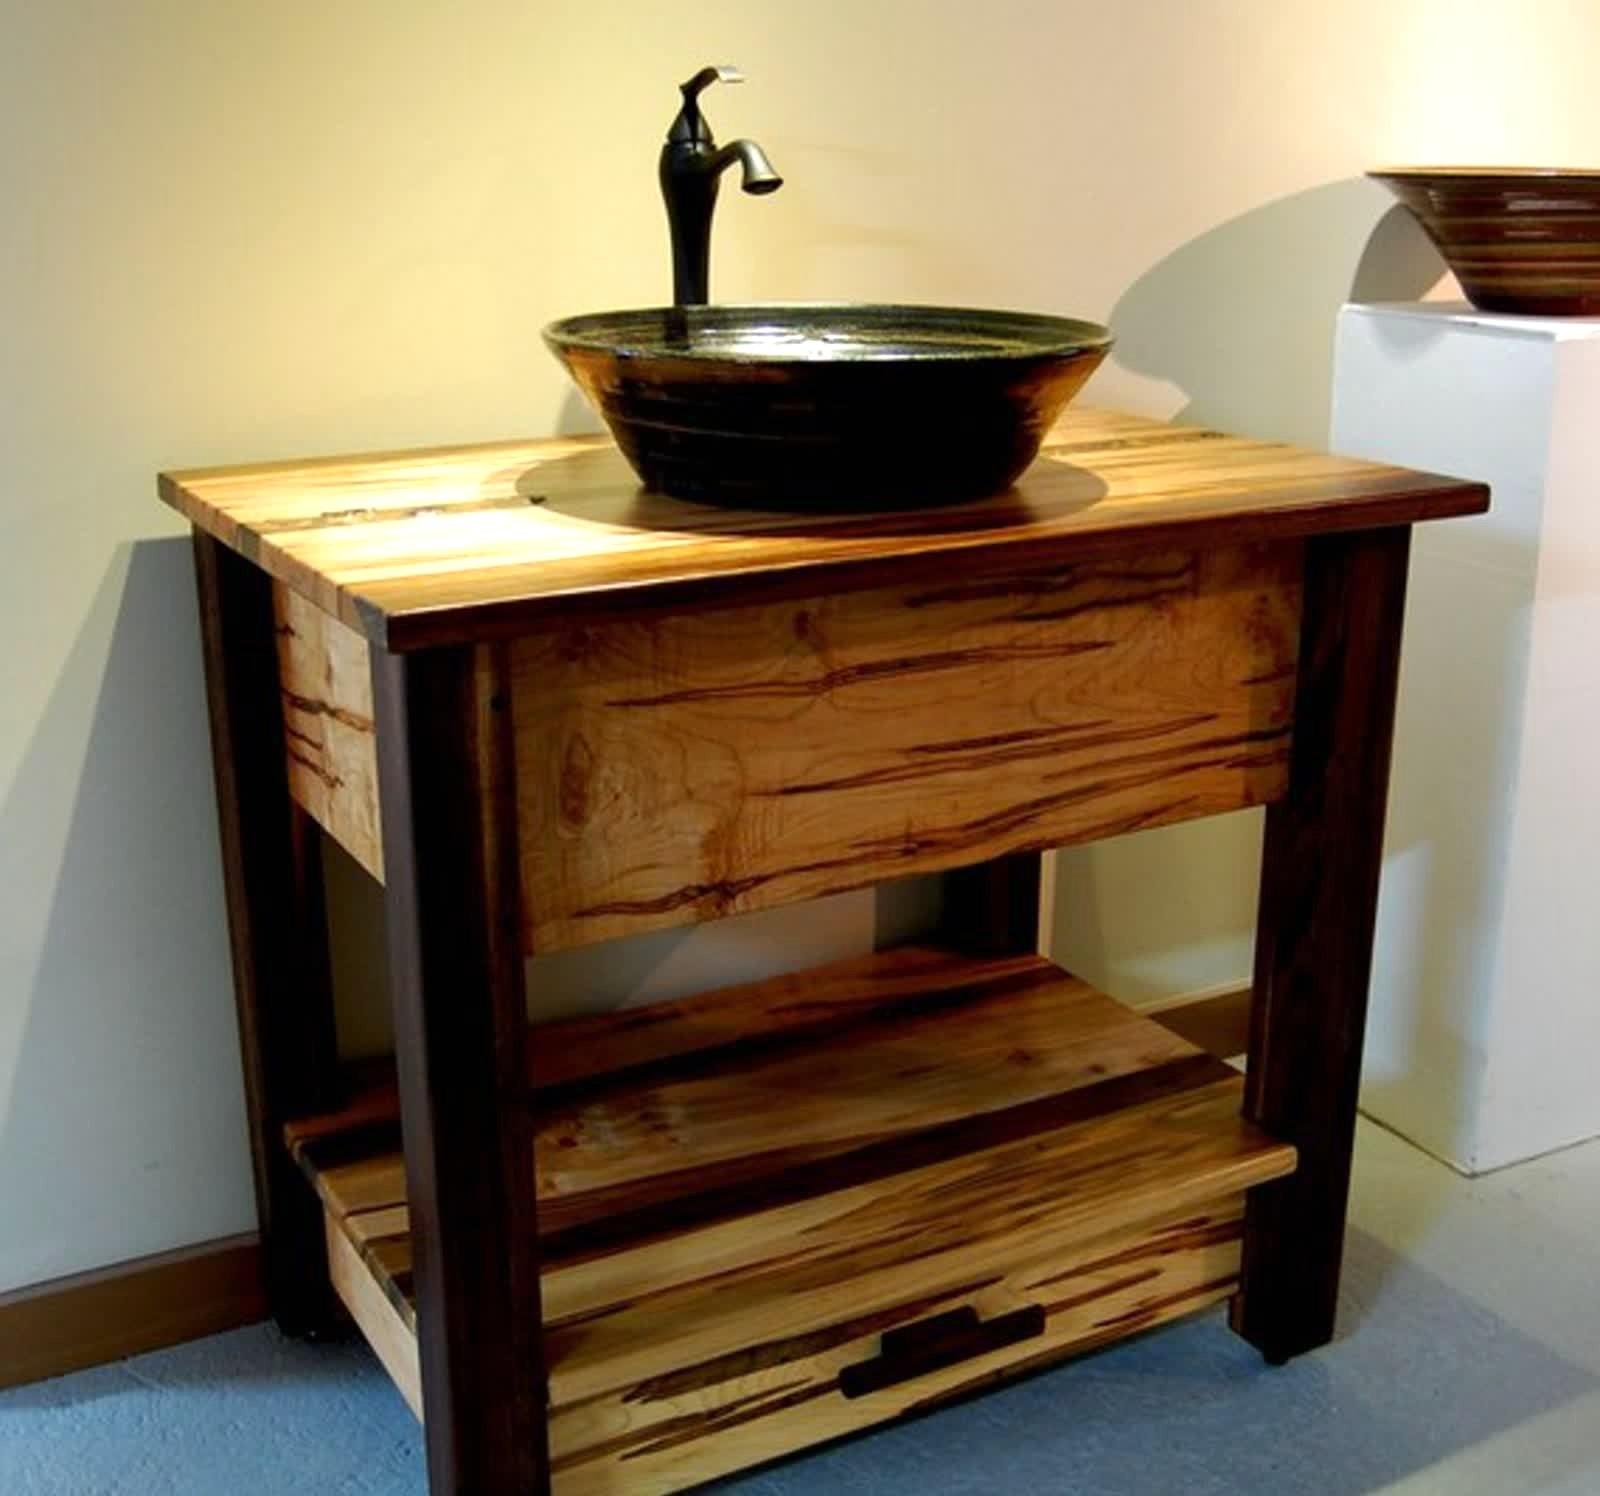 Badezimmermöbel Rustikal Wunderbar On Badezimmer In Bezug Auf Verwirrend Bilder Badezimmerm C3 B6bel Ideen Typ 7